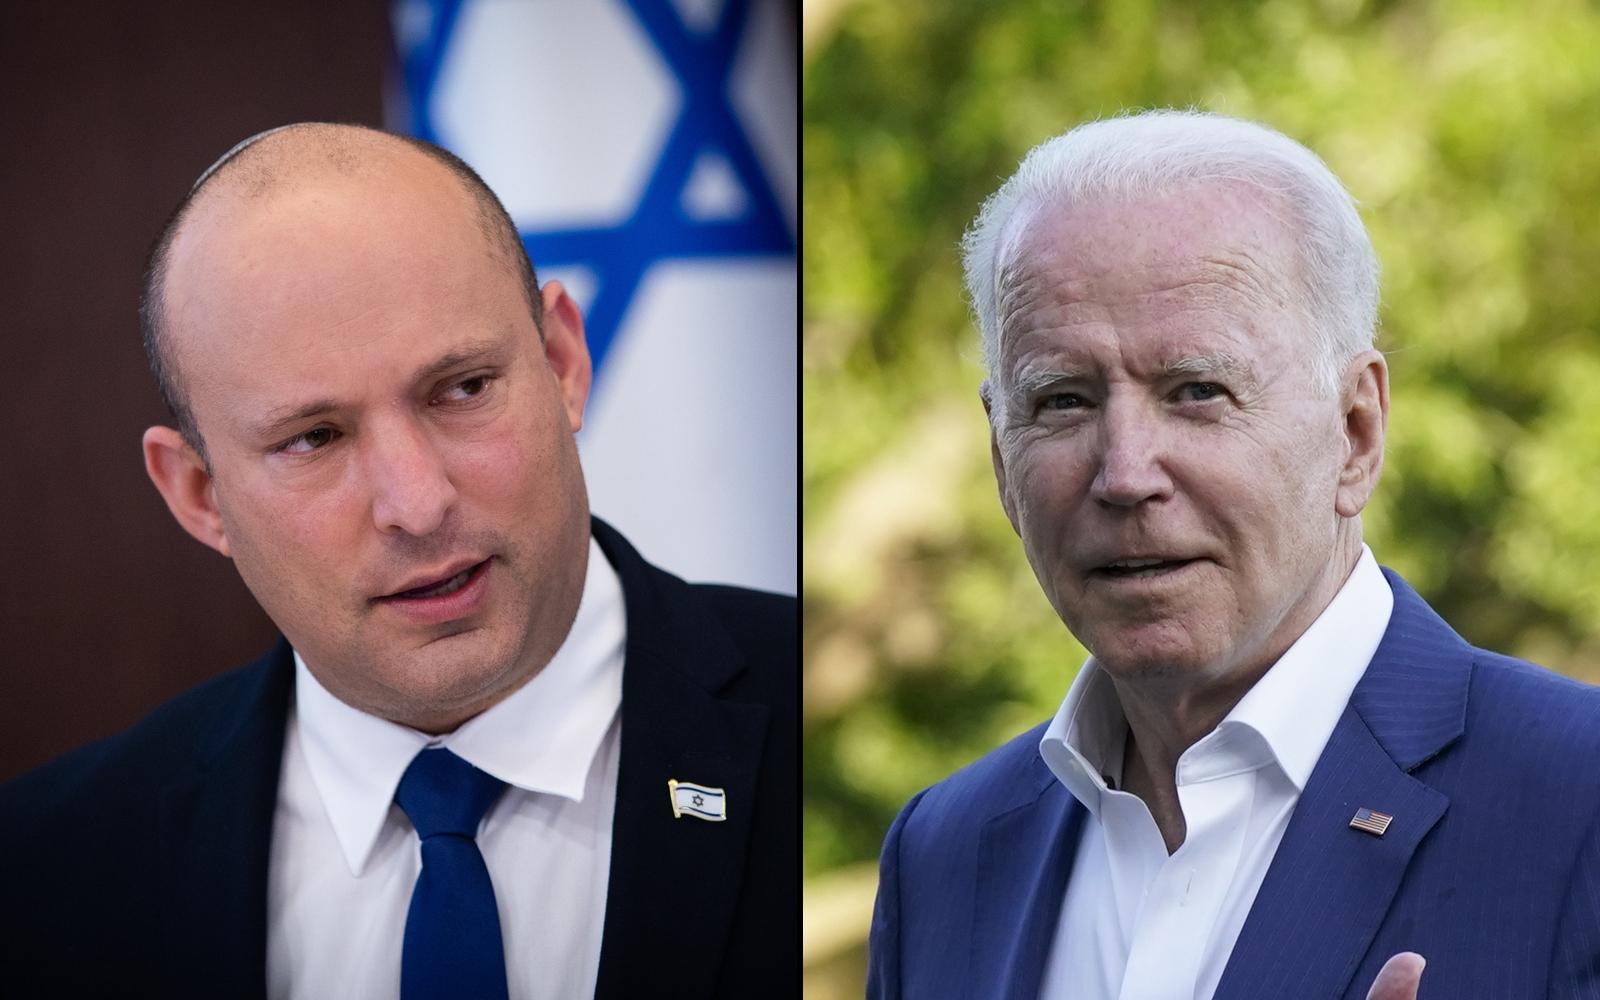 نخست وزیر اسرائیل در سفر به واشنگتن استراتژی توقف ایران بدون توافق هسته ای را ارائه می دهد